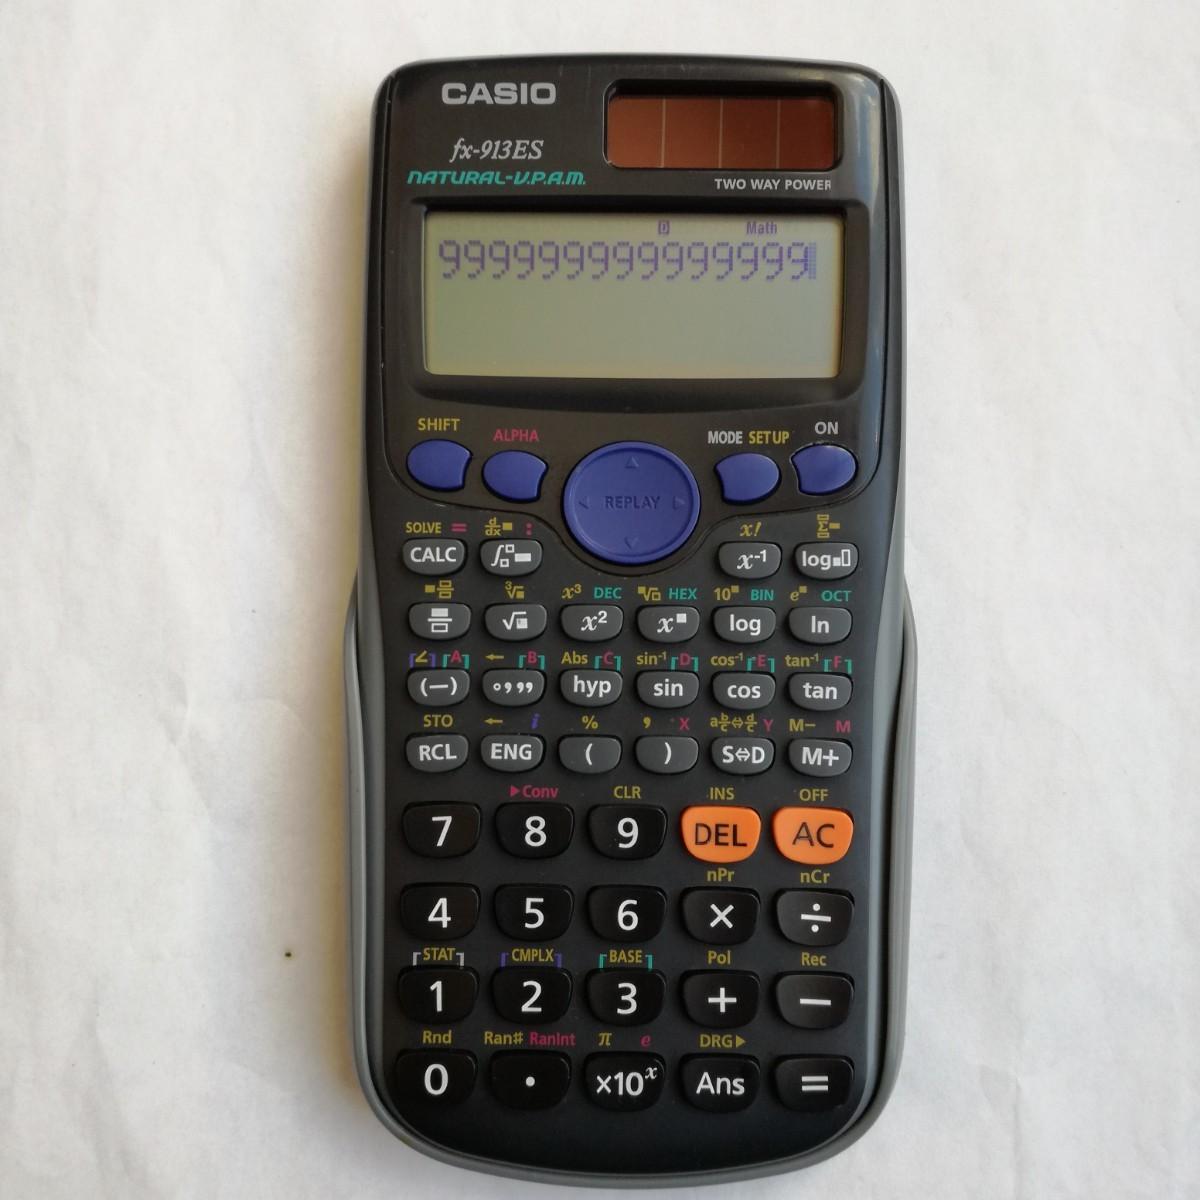 【動作確認済】CASIO カシオ 関数電卓 fx-913ES 数学自然表示 310関数 10桁 ハードケース付き 中古